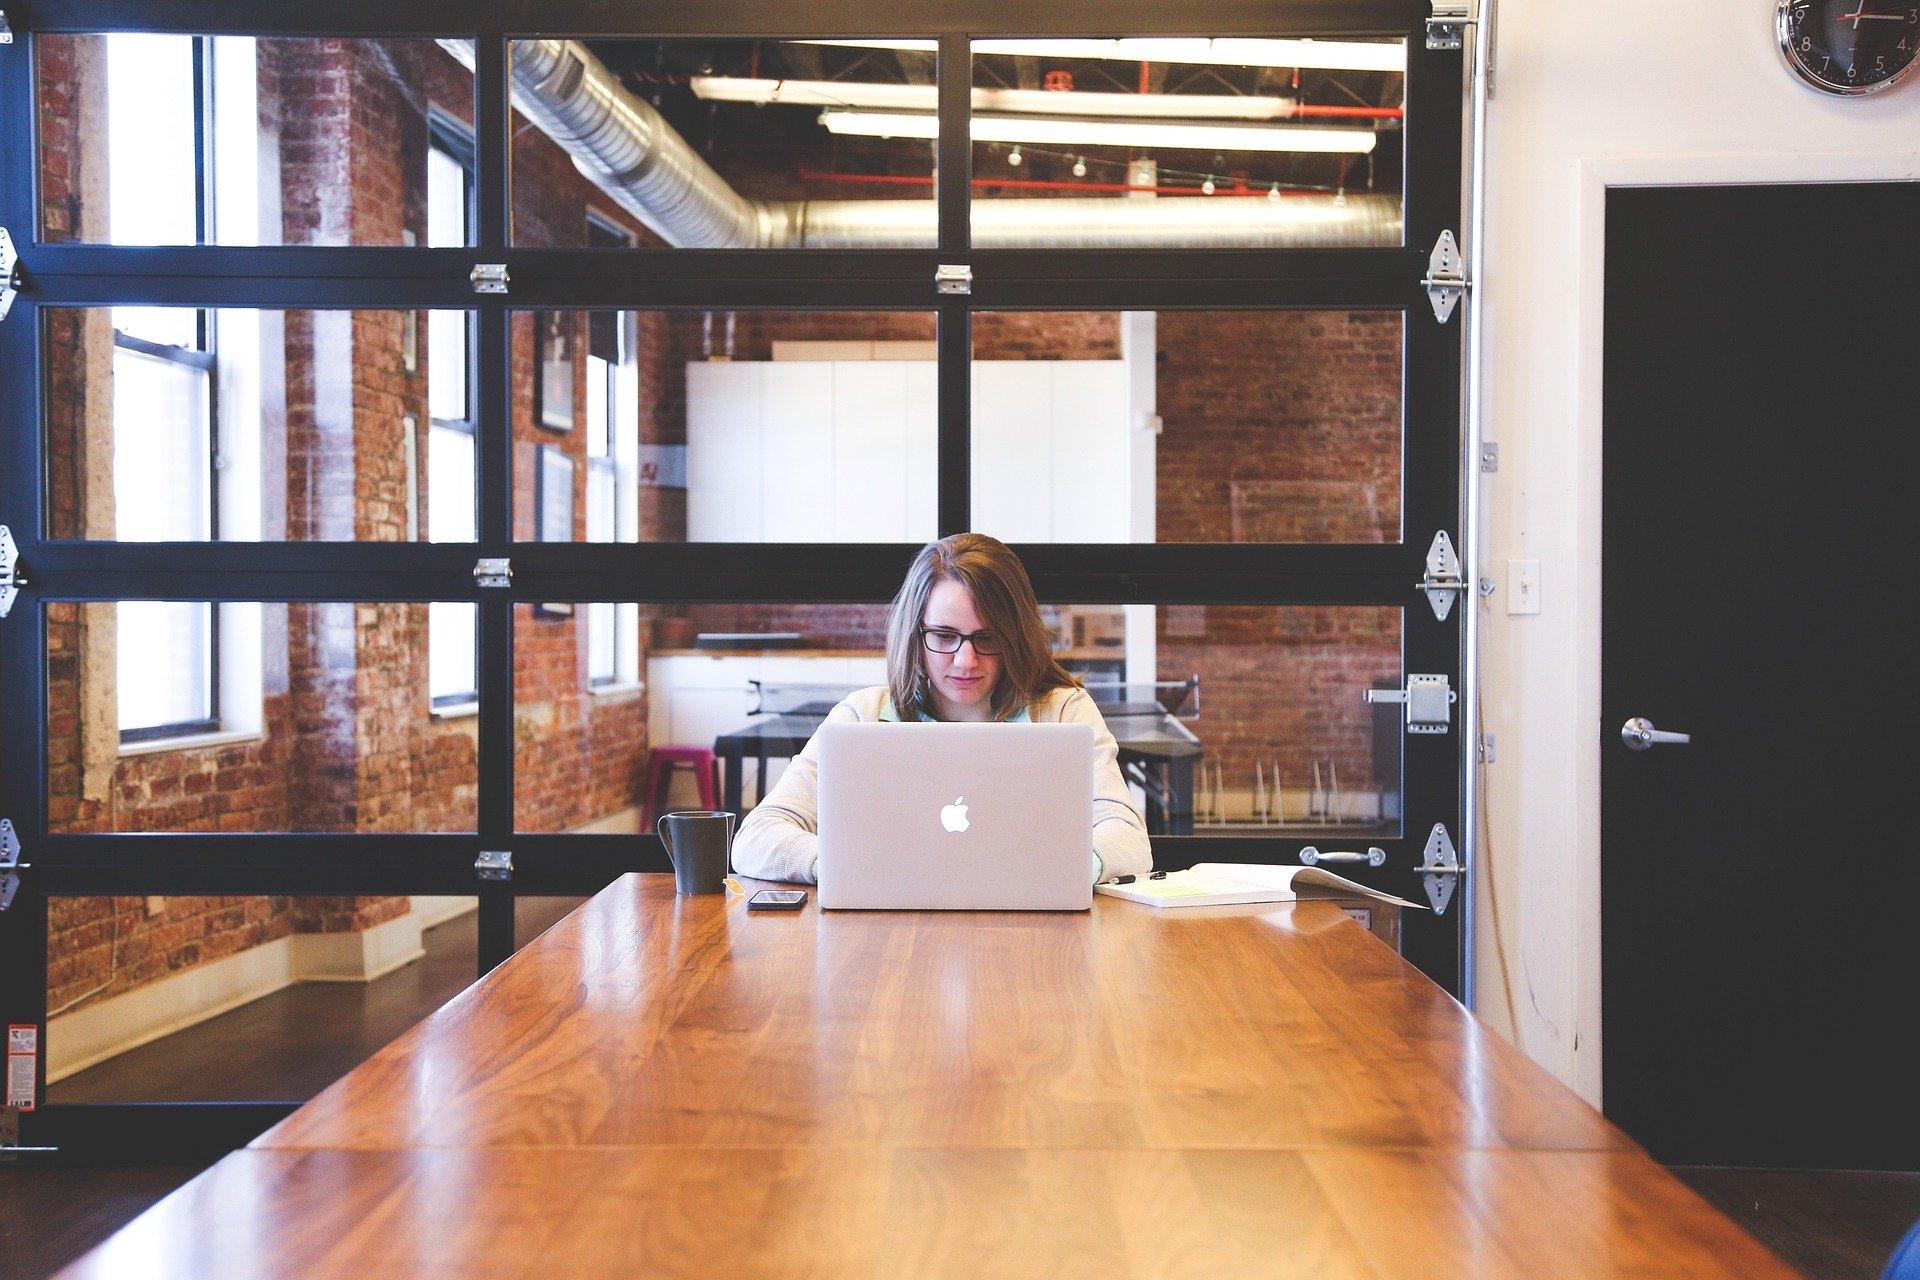 Télétravail femme seule dans grand espace de verre avec son macbook en télétravail